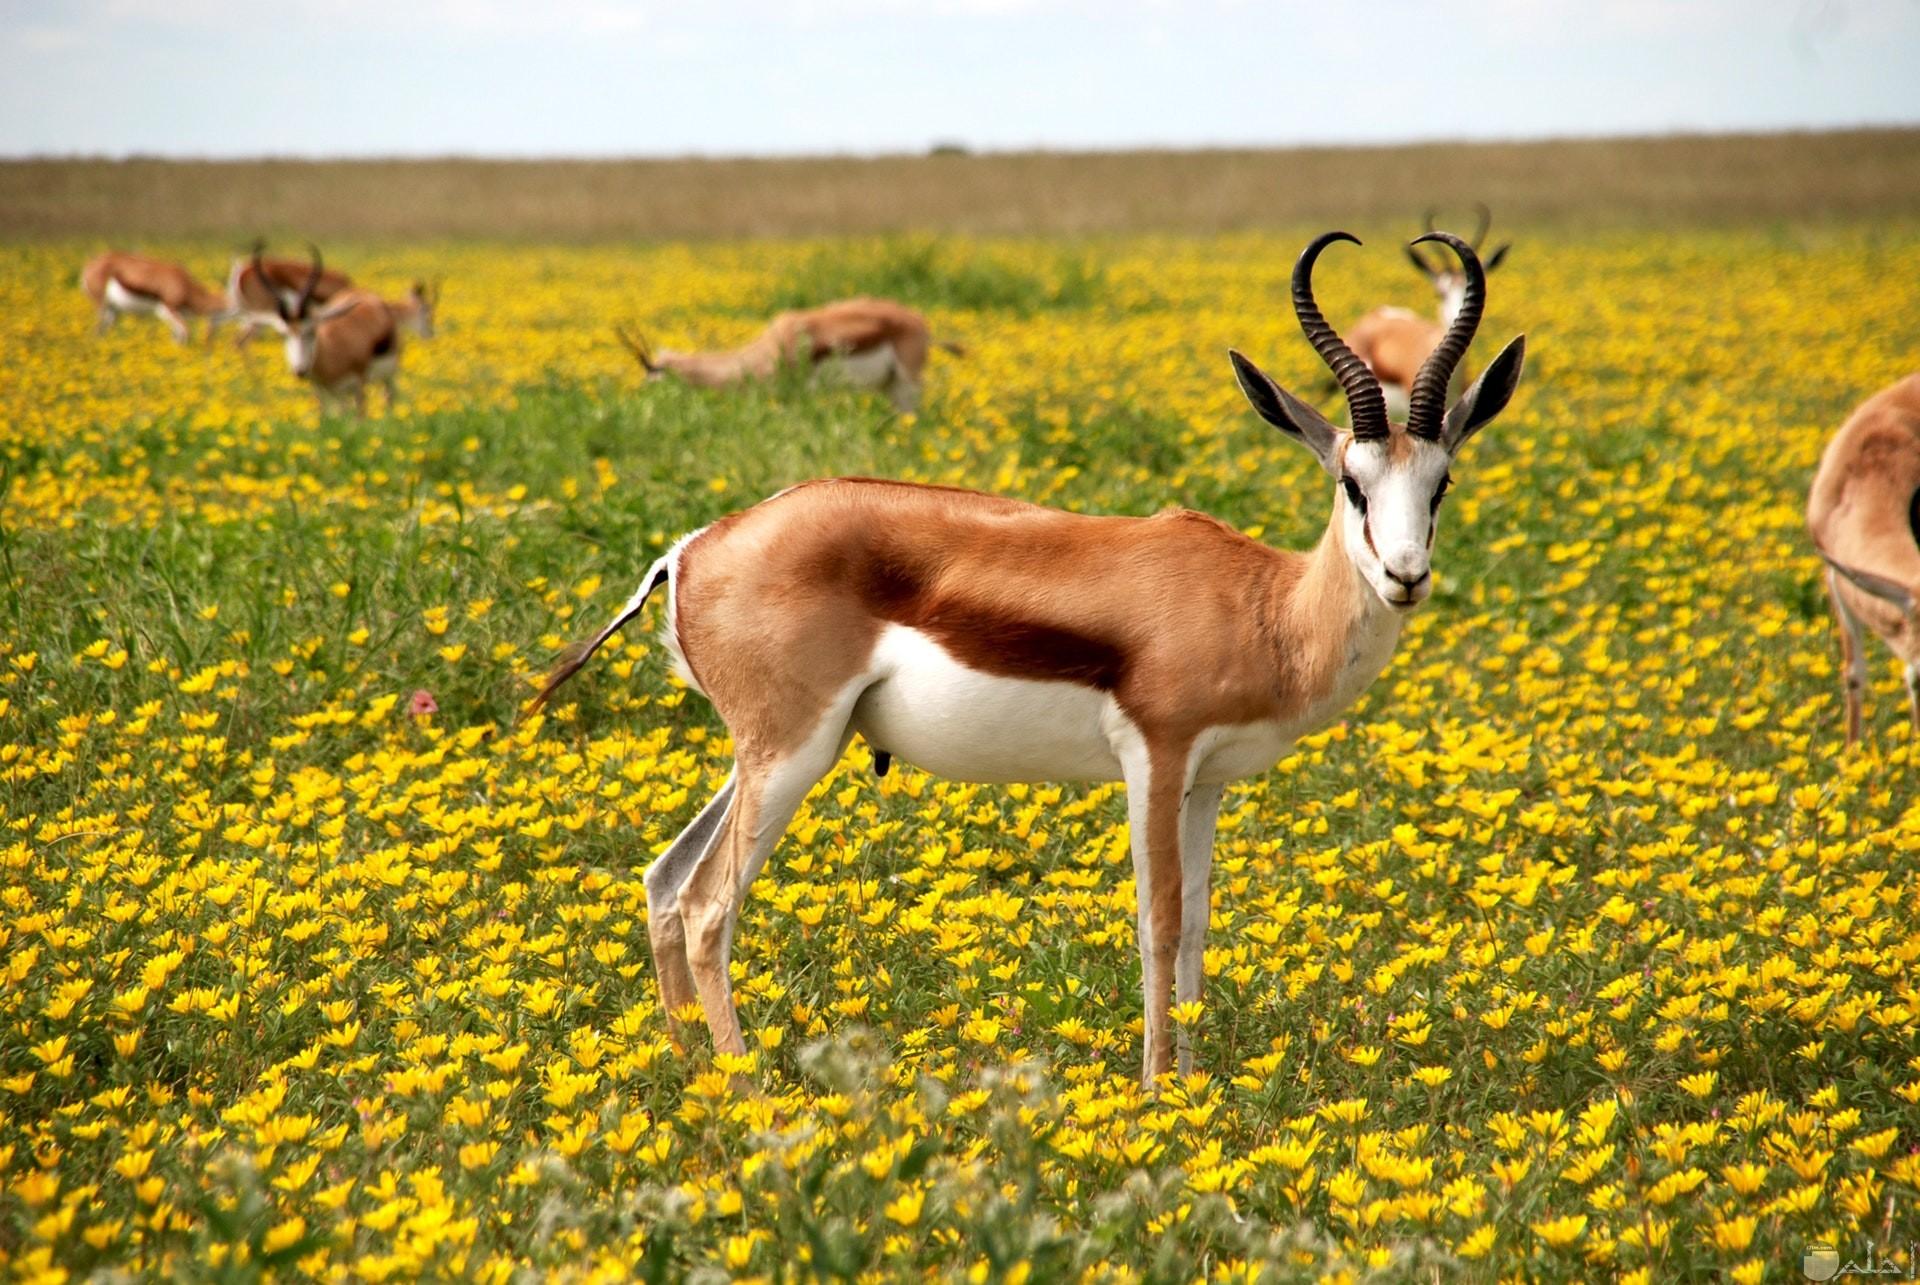 صورة حلوة لمجموعة من الغزلان الجميلة في حقل من الورود الصفراء